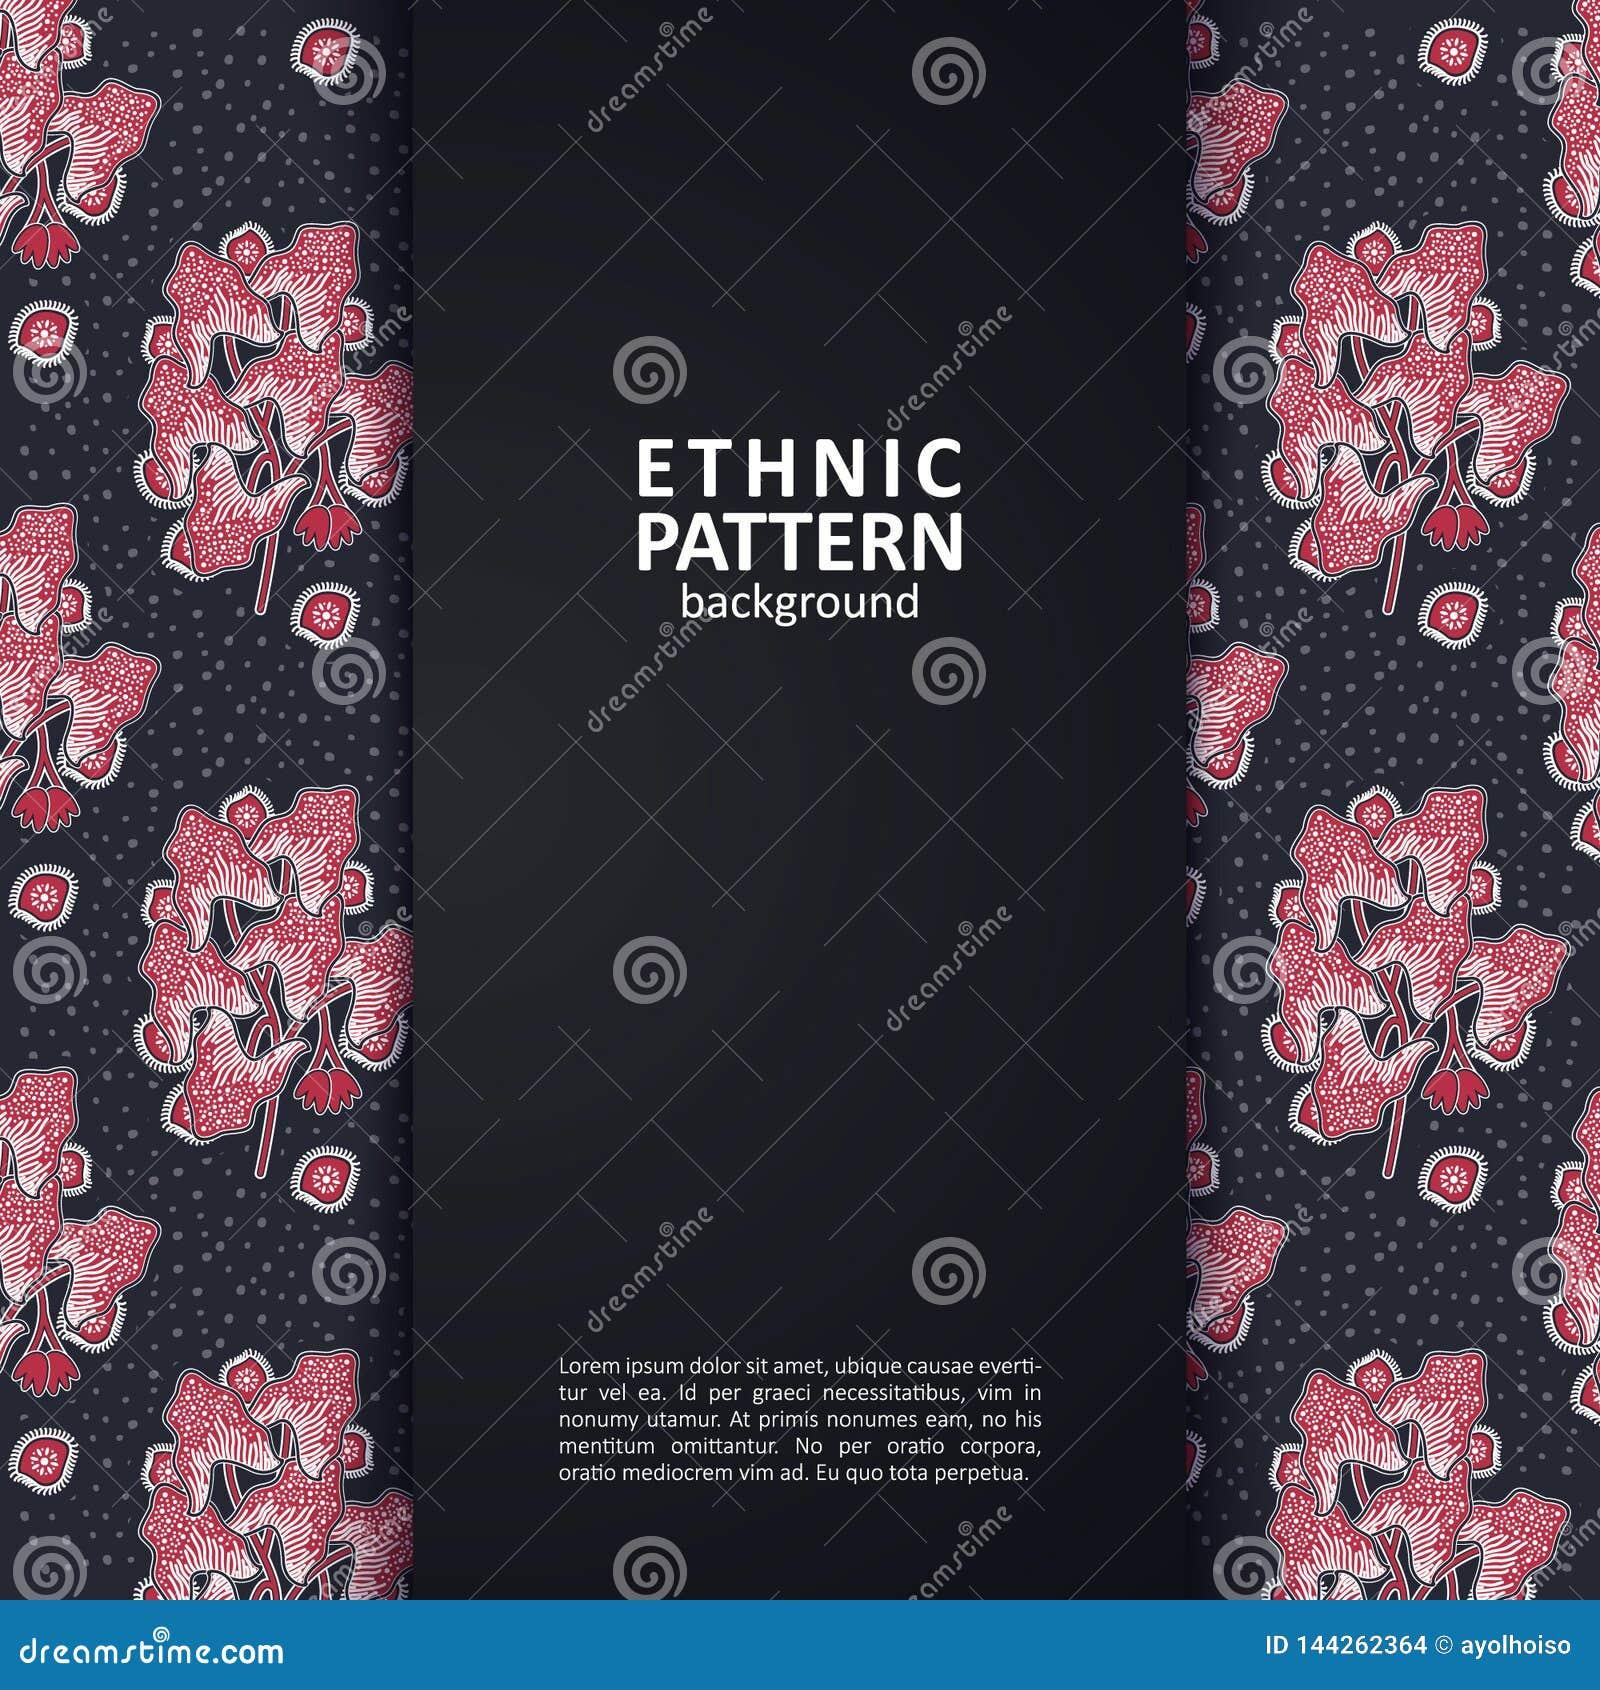 Dise?o tradicional del modelo ?tnico geom?trico para el fondo, tela, ejemplo del vector